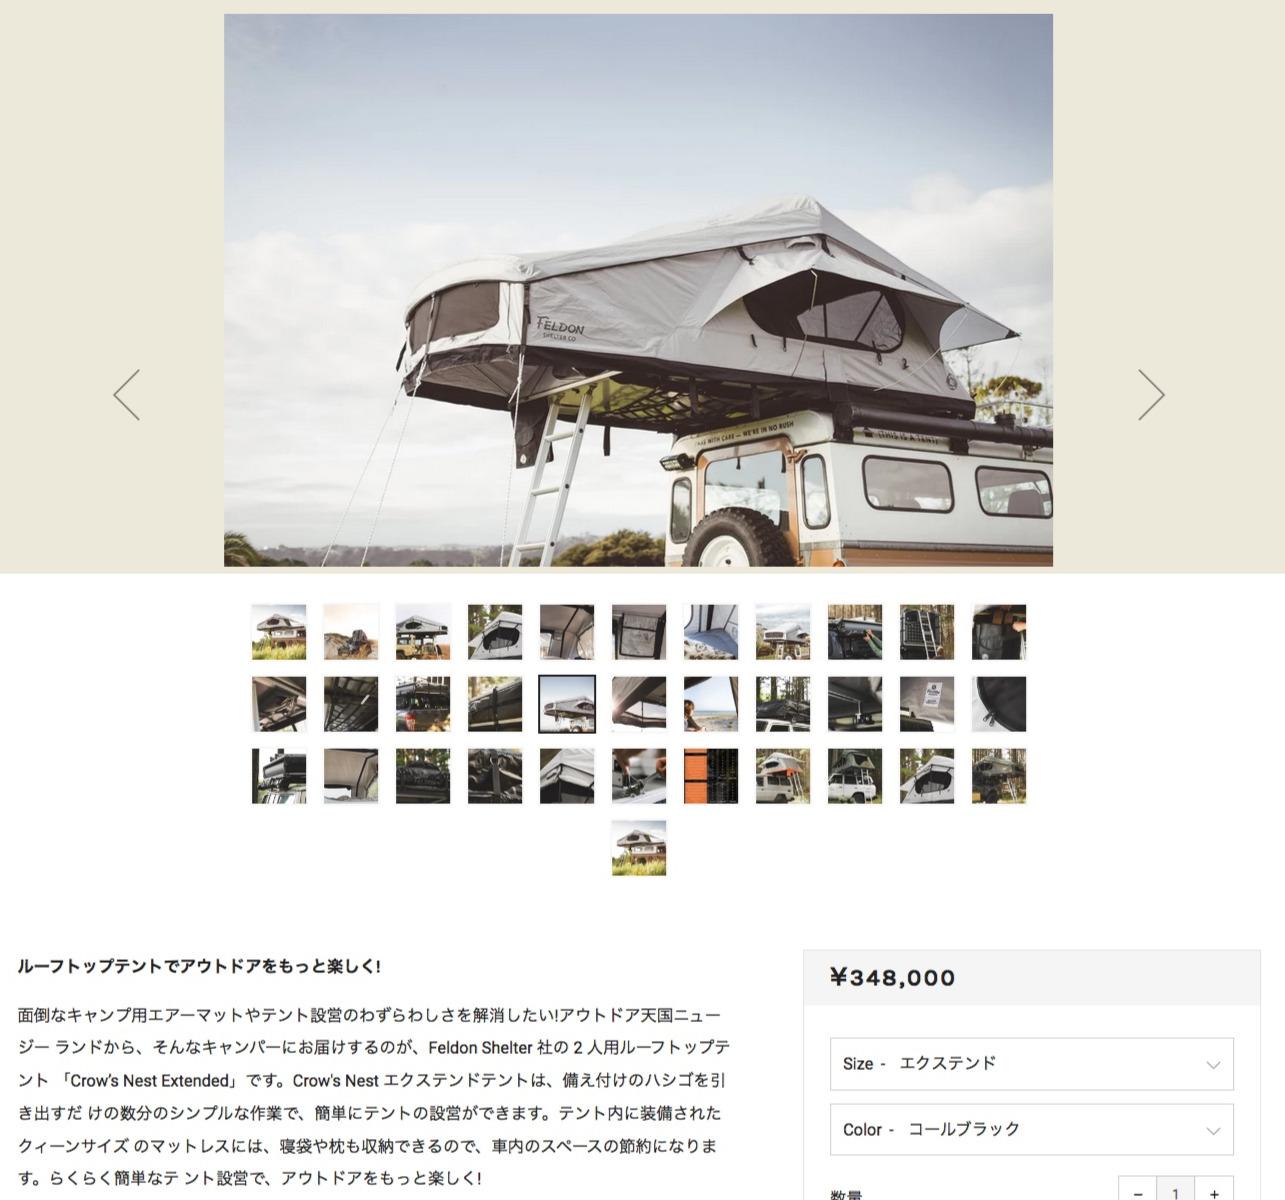 wms_feldon_web_jp_edited